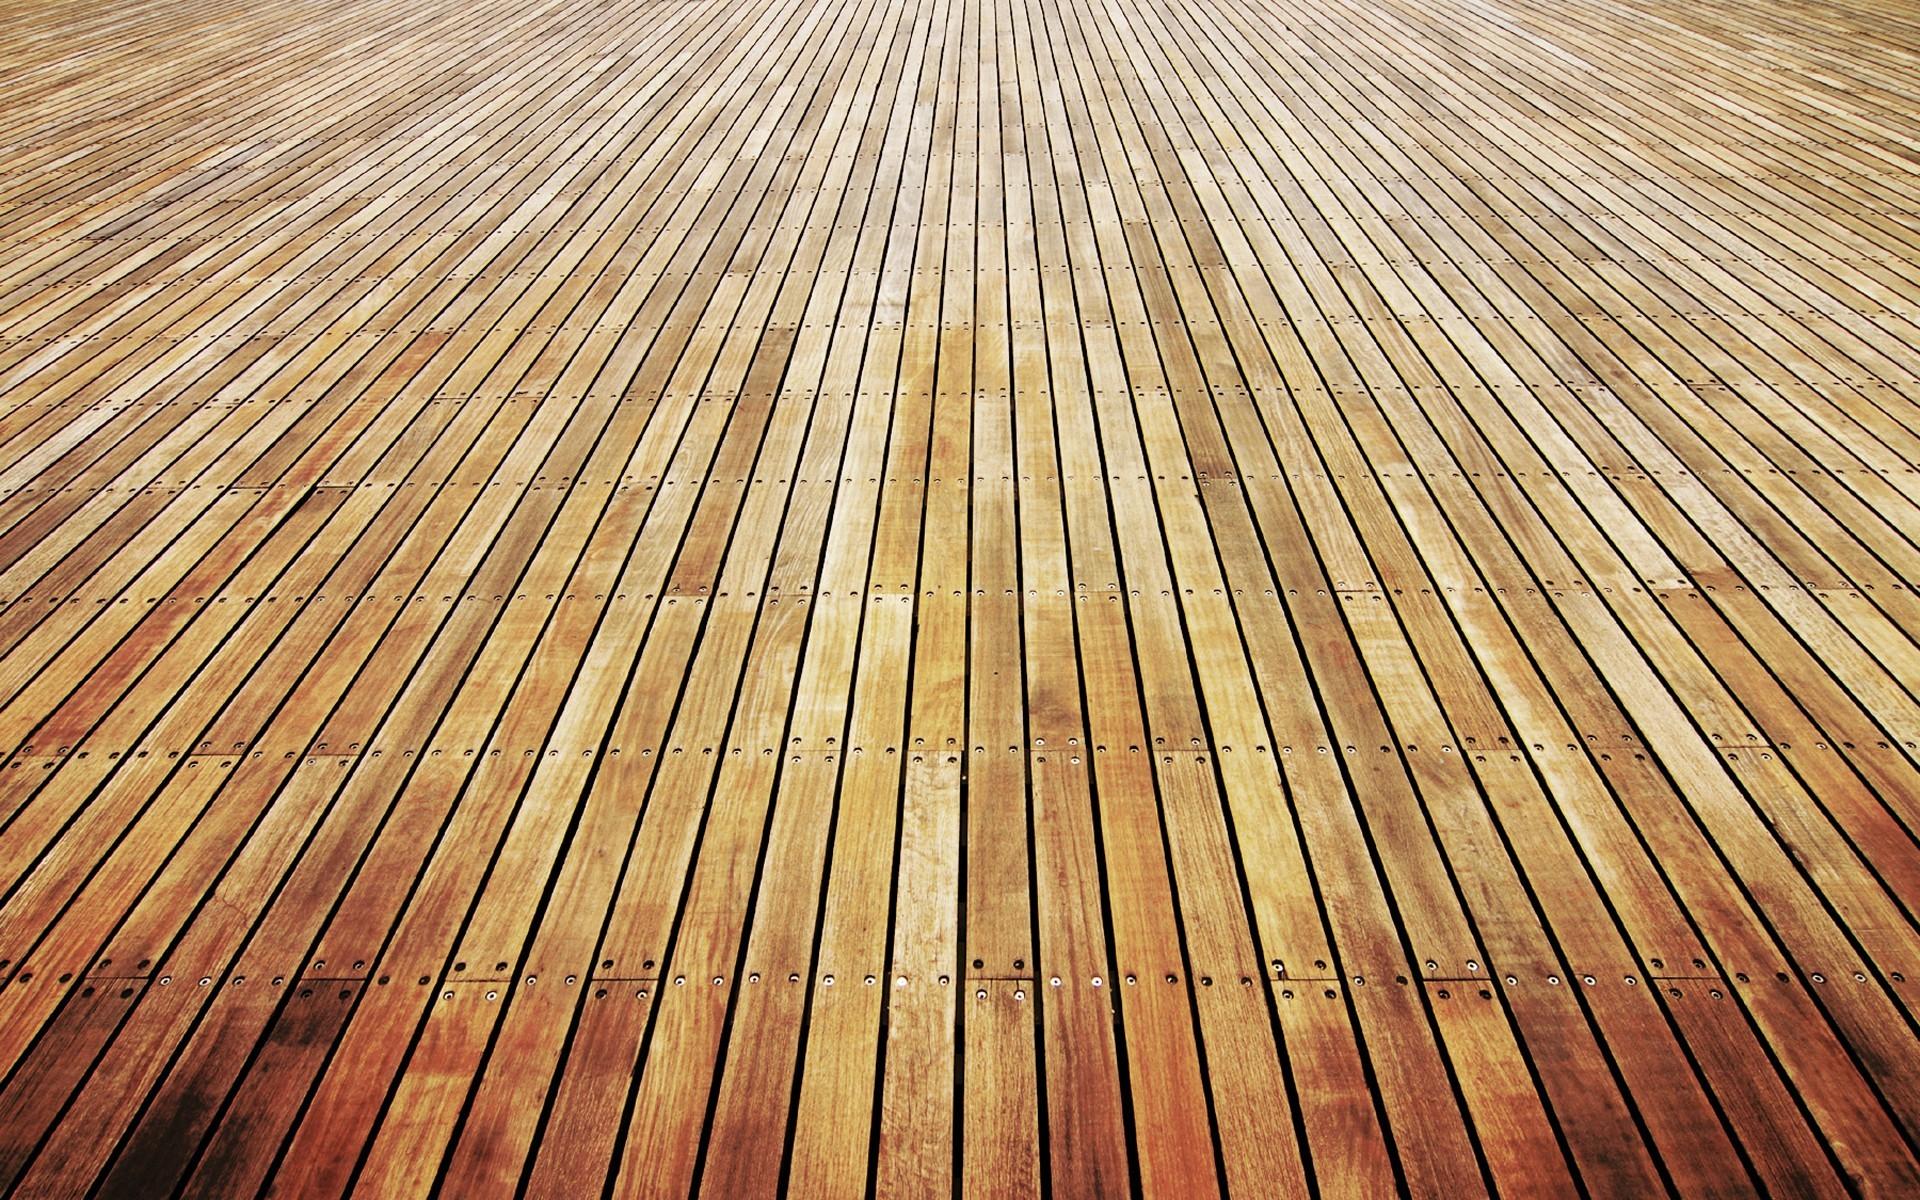 необъятен картинки фон деревянный пол сбербанка, ожидая своей